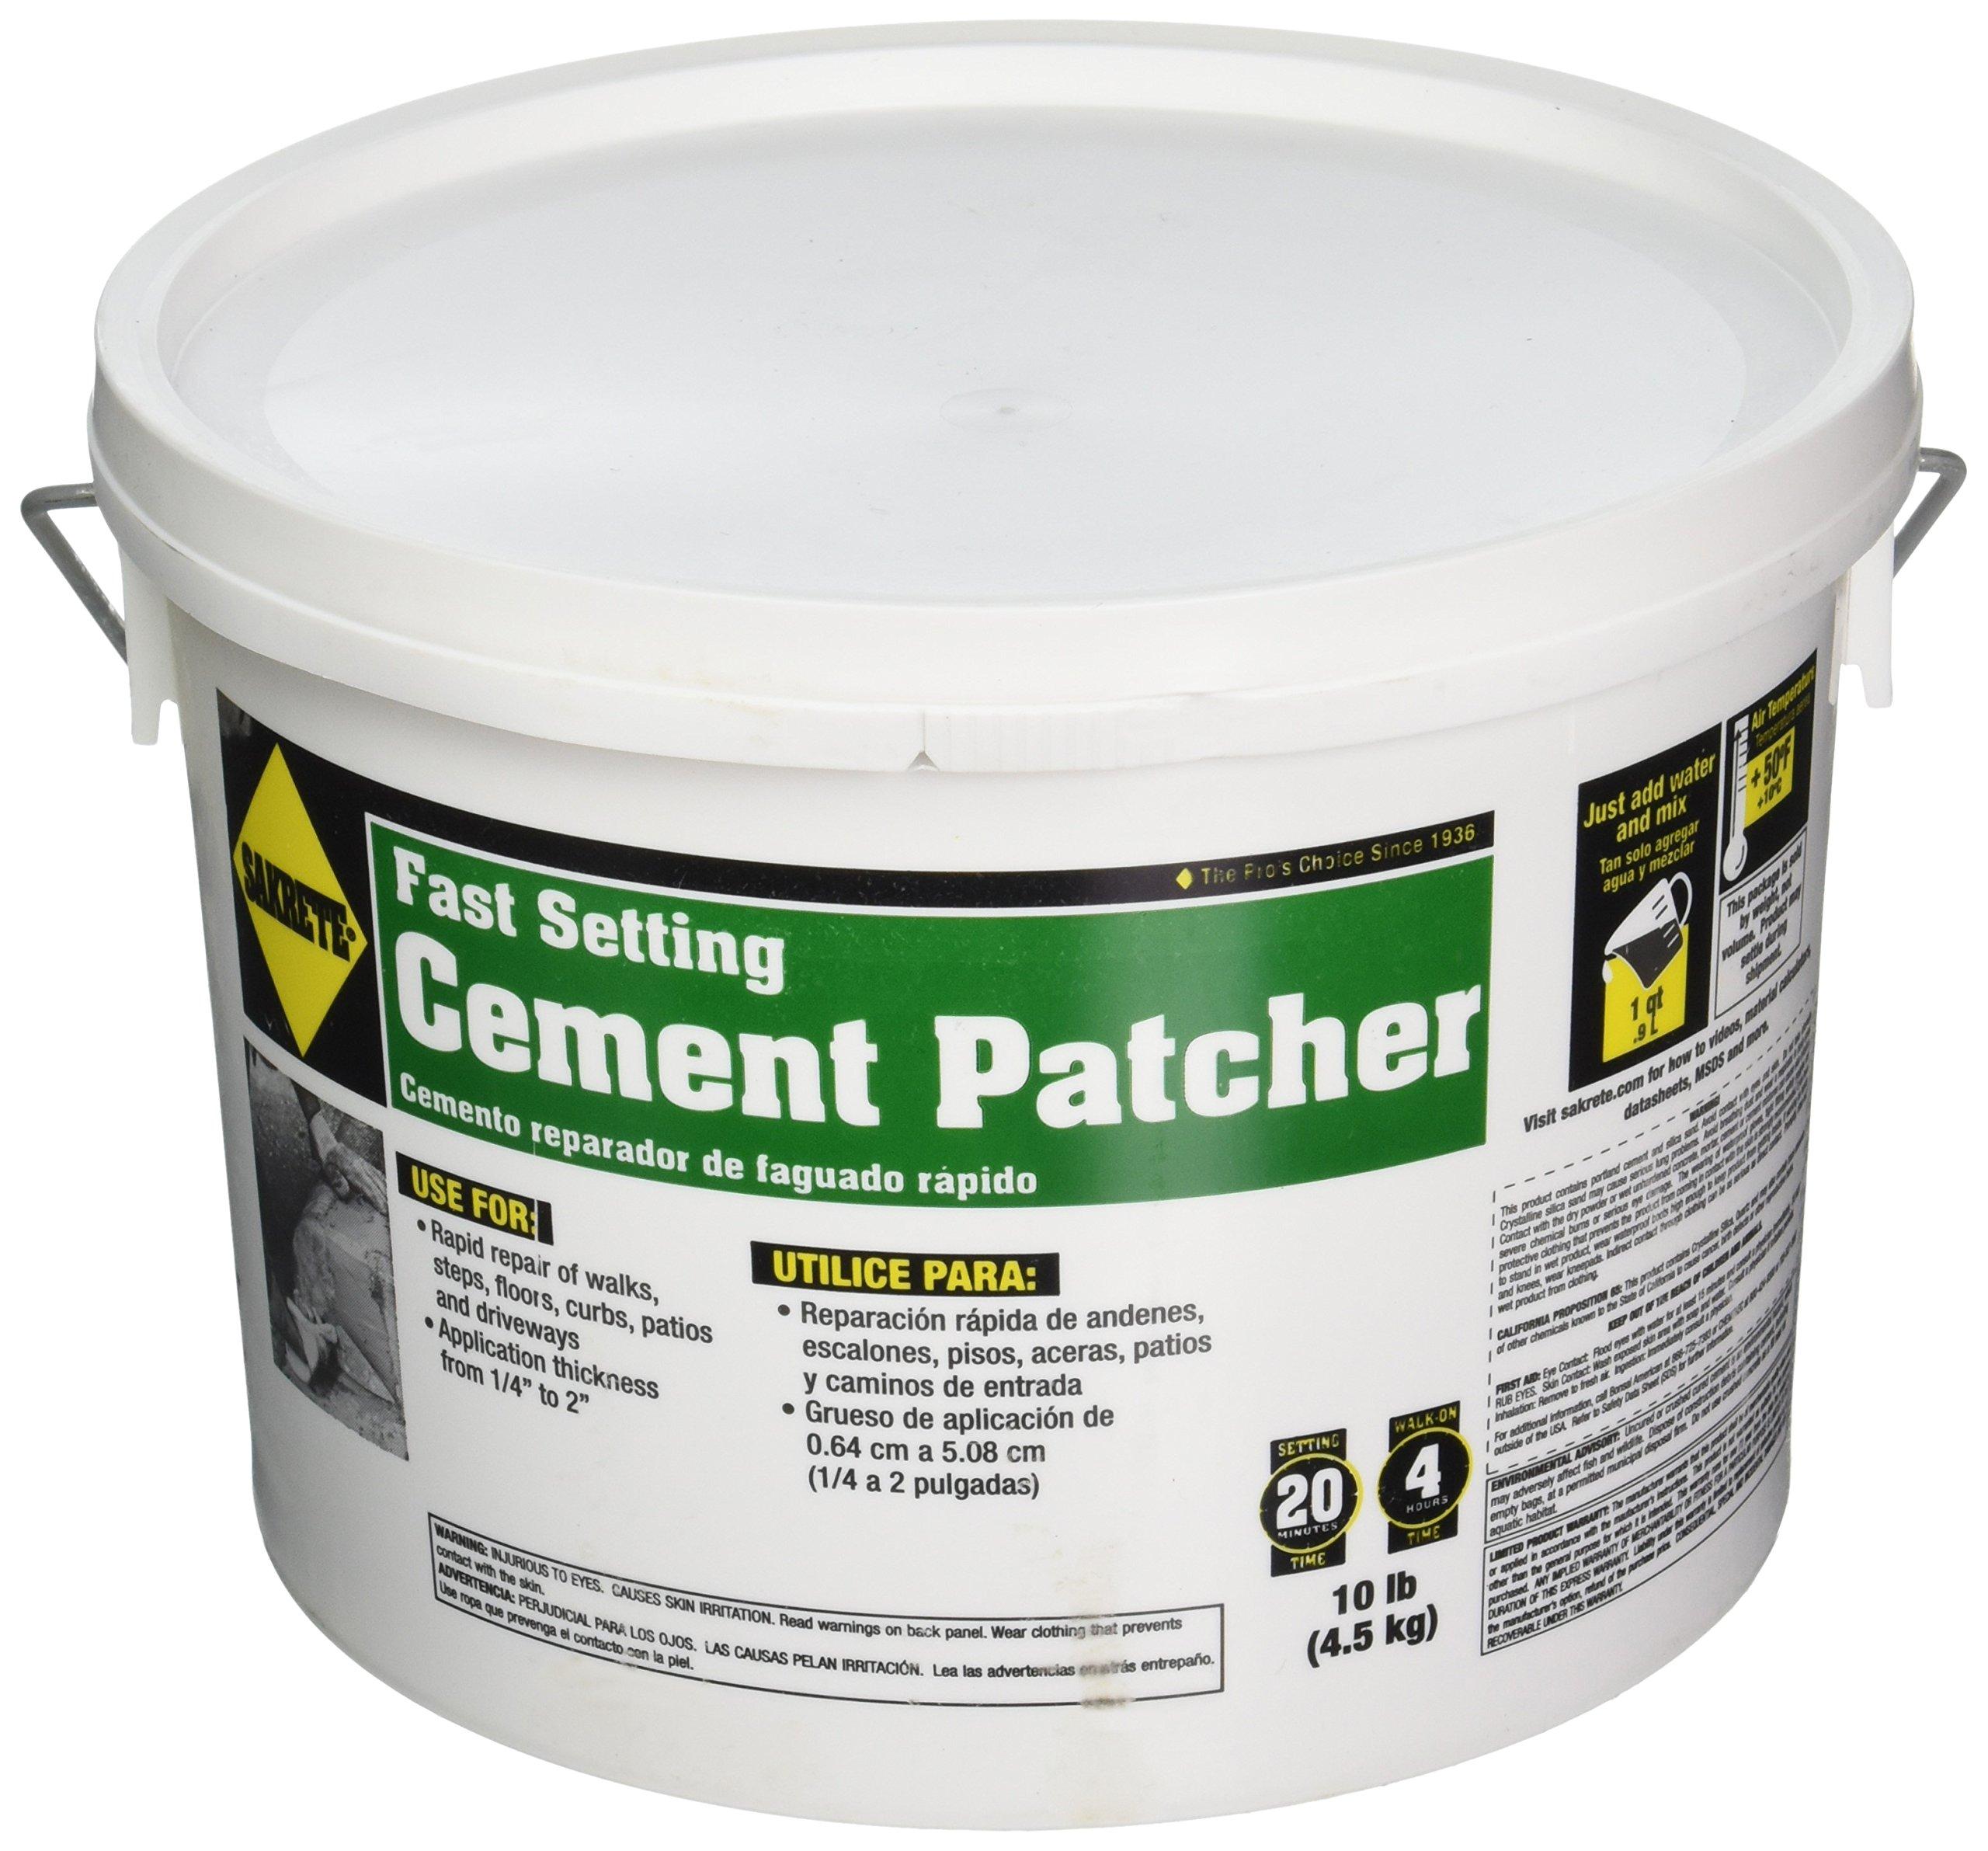 SAKRETE OF NORTH AMERICA 60205004 Cement Patcher, 10 lb